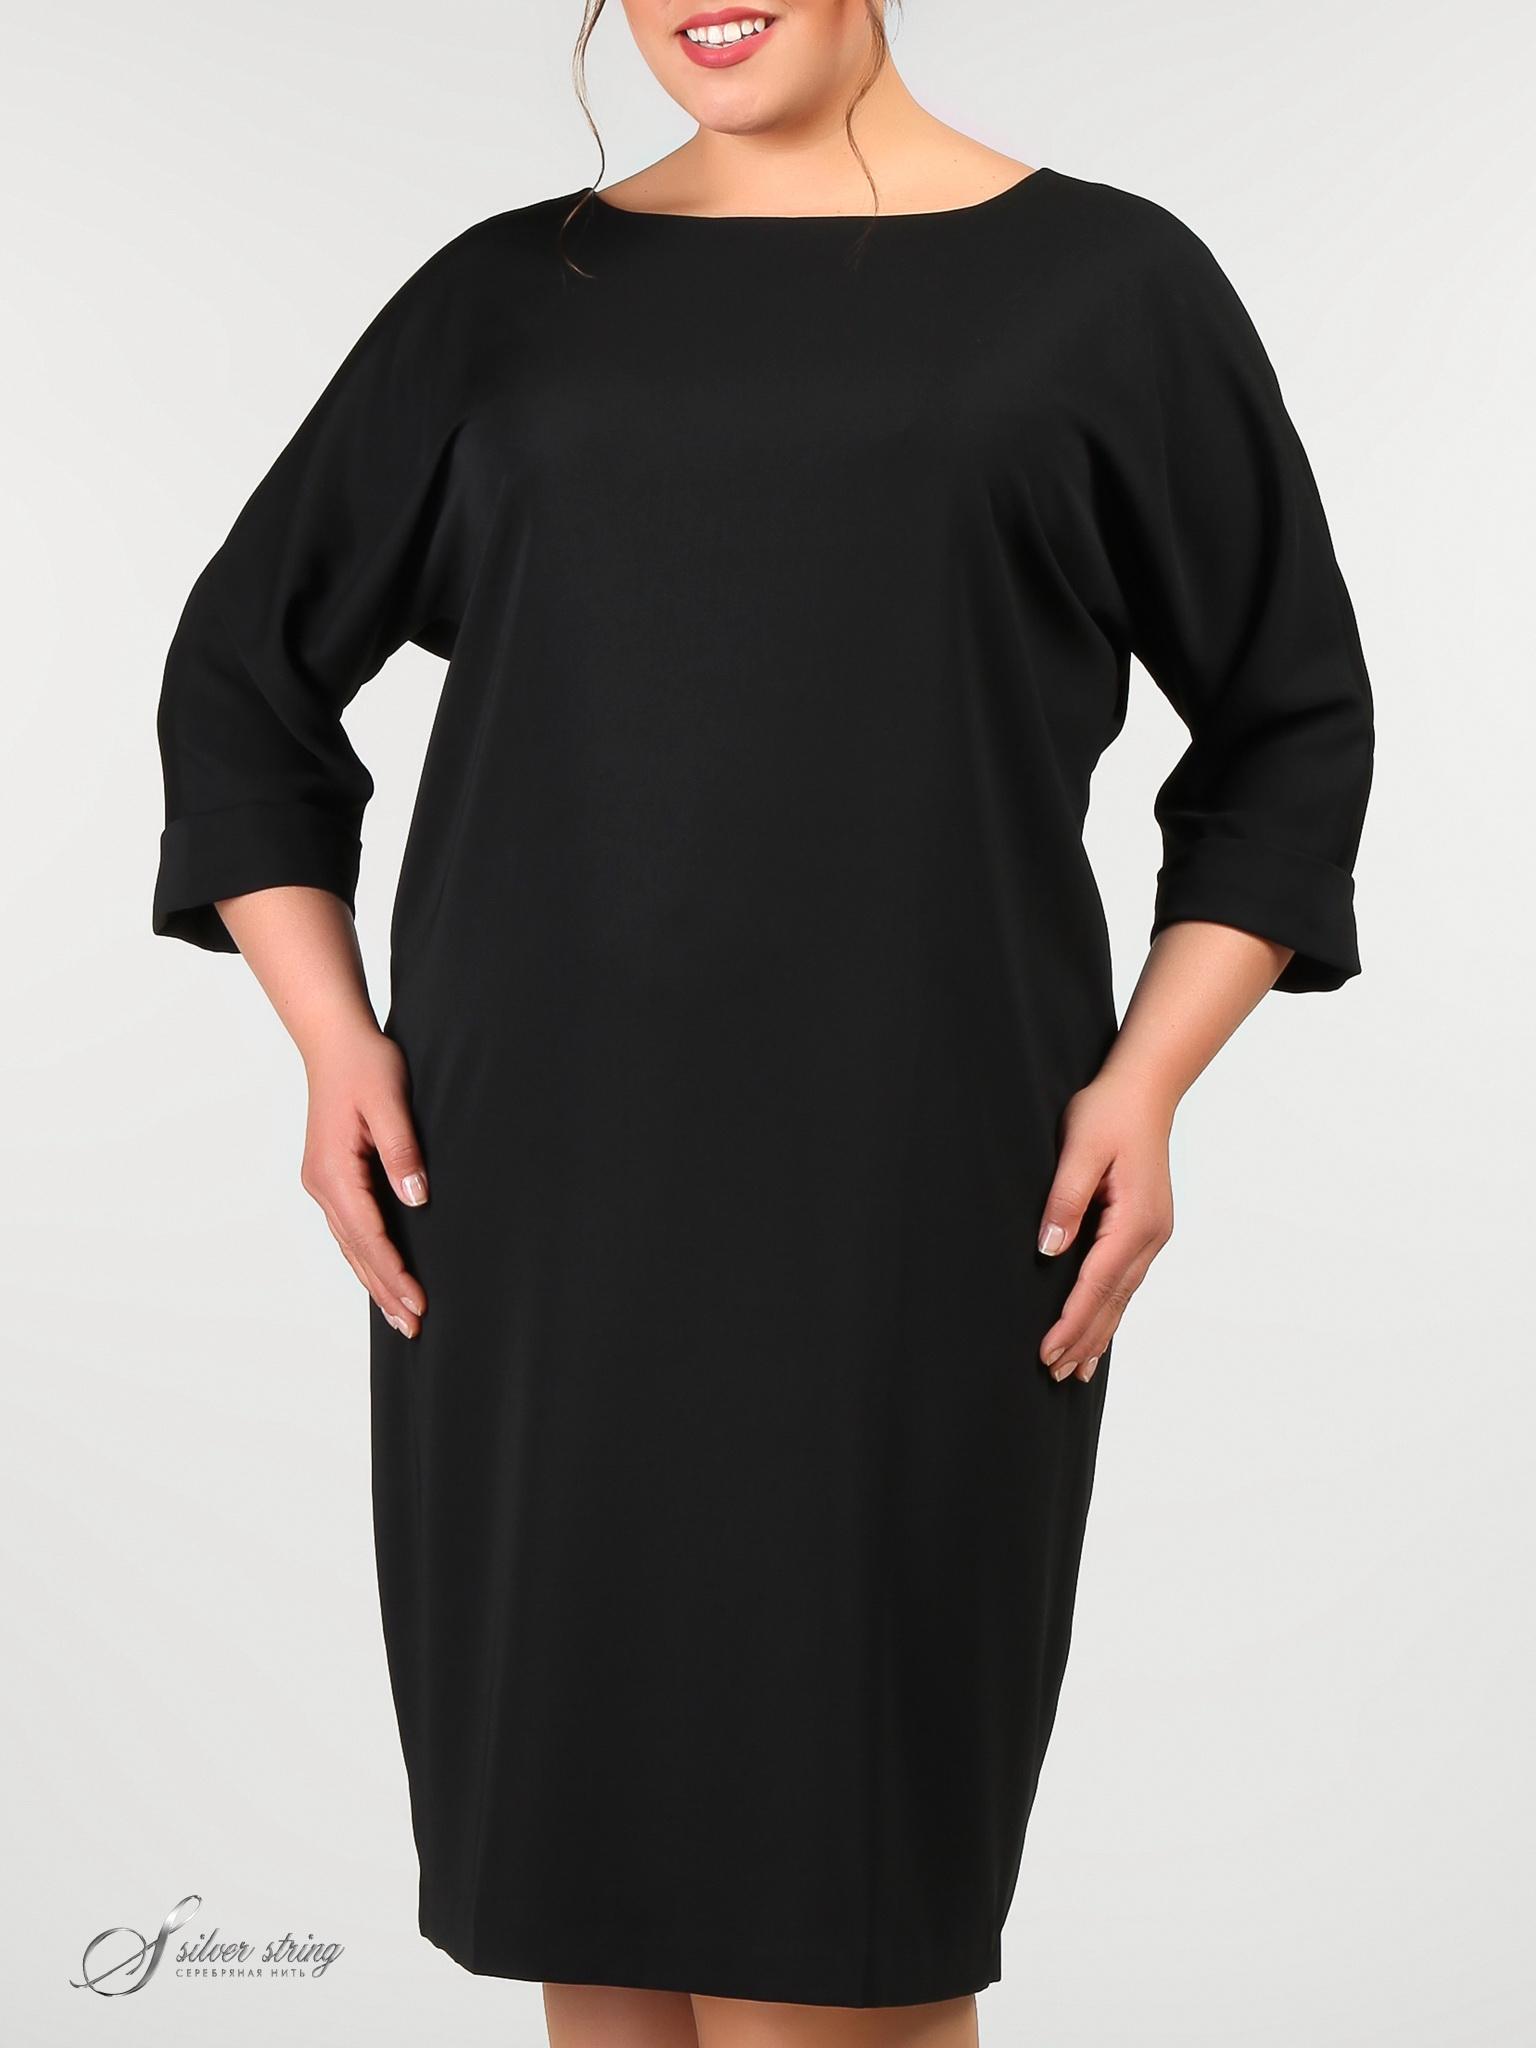 Серебряная Нить Одежда Больших Размеров С Доставкой